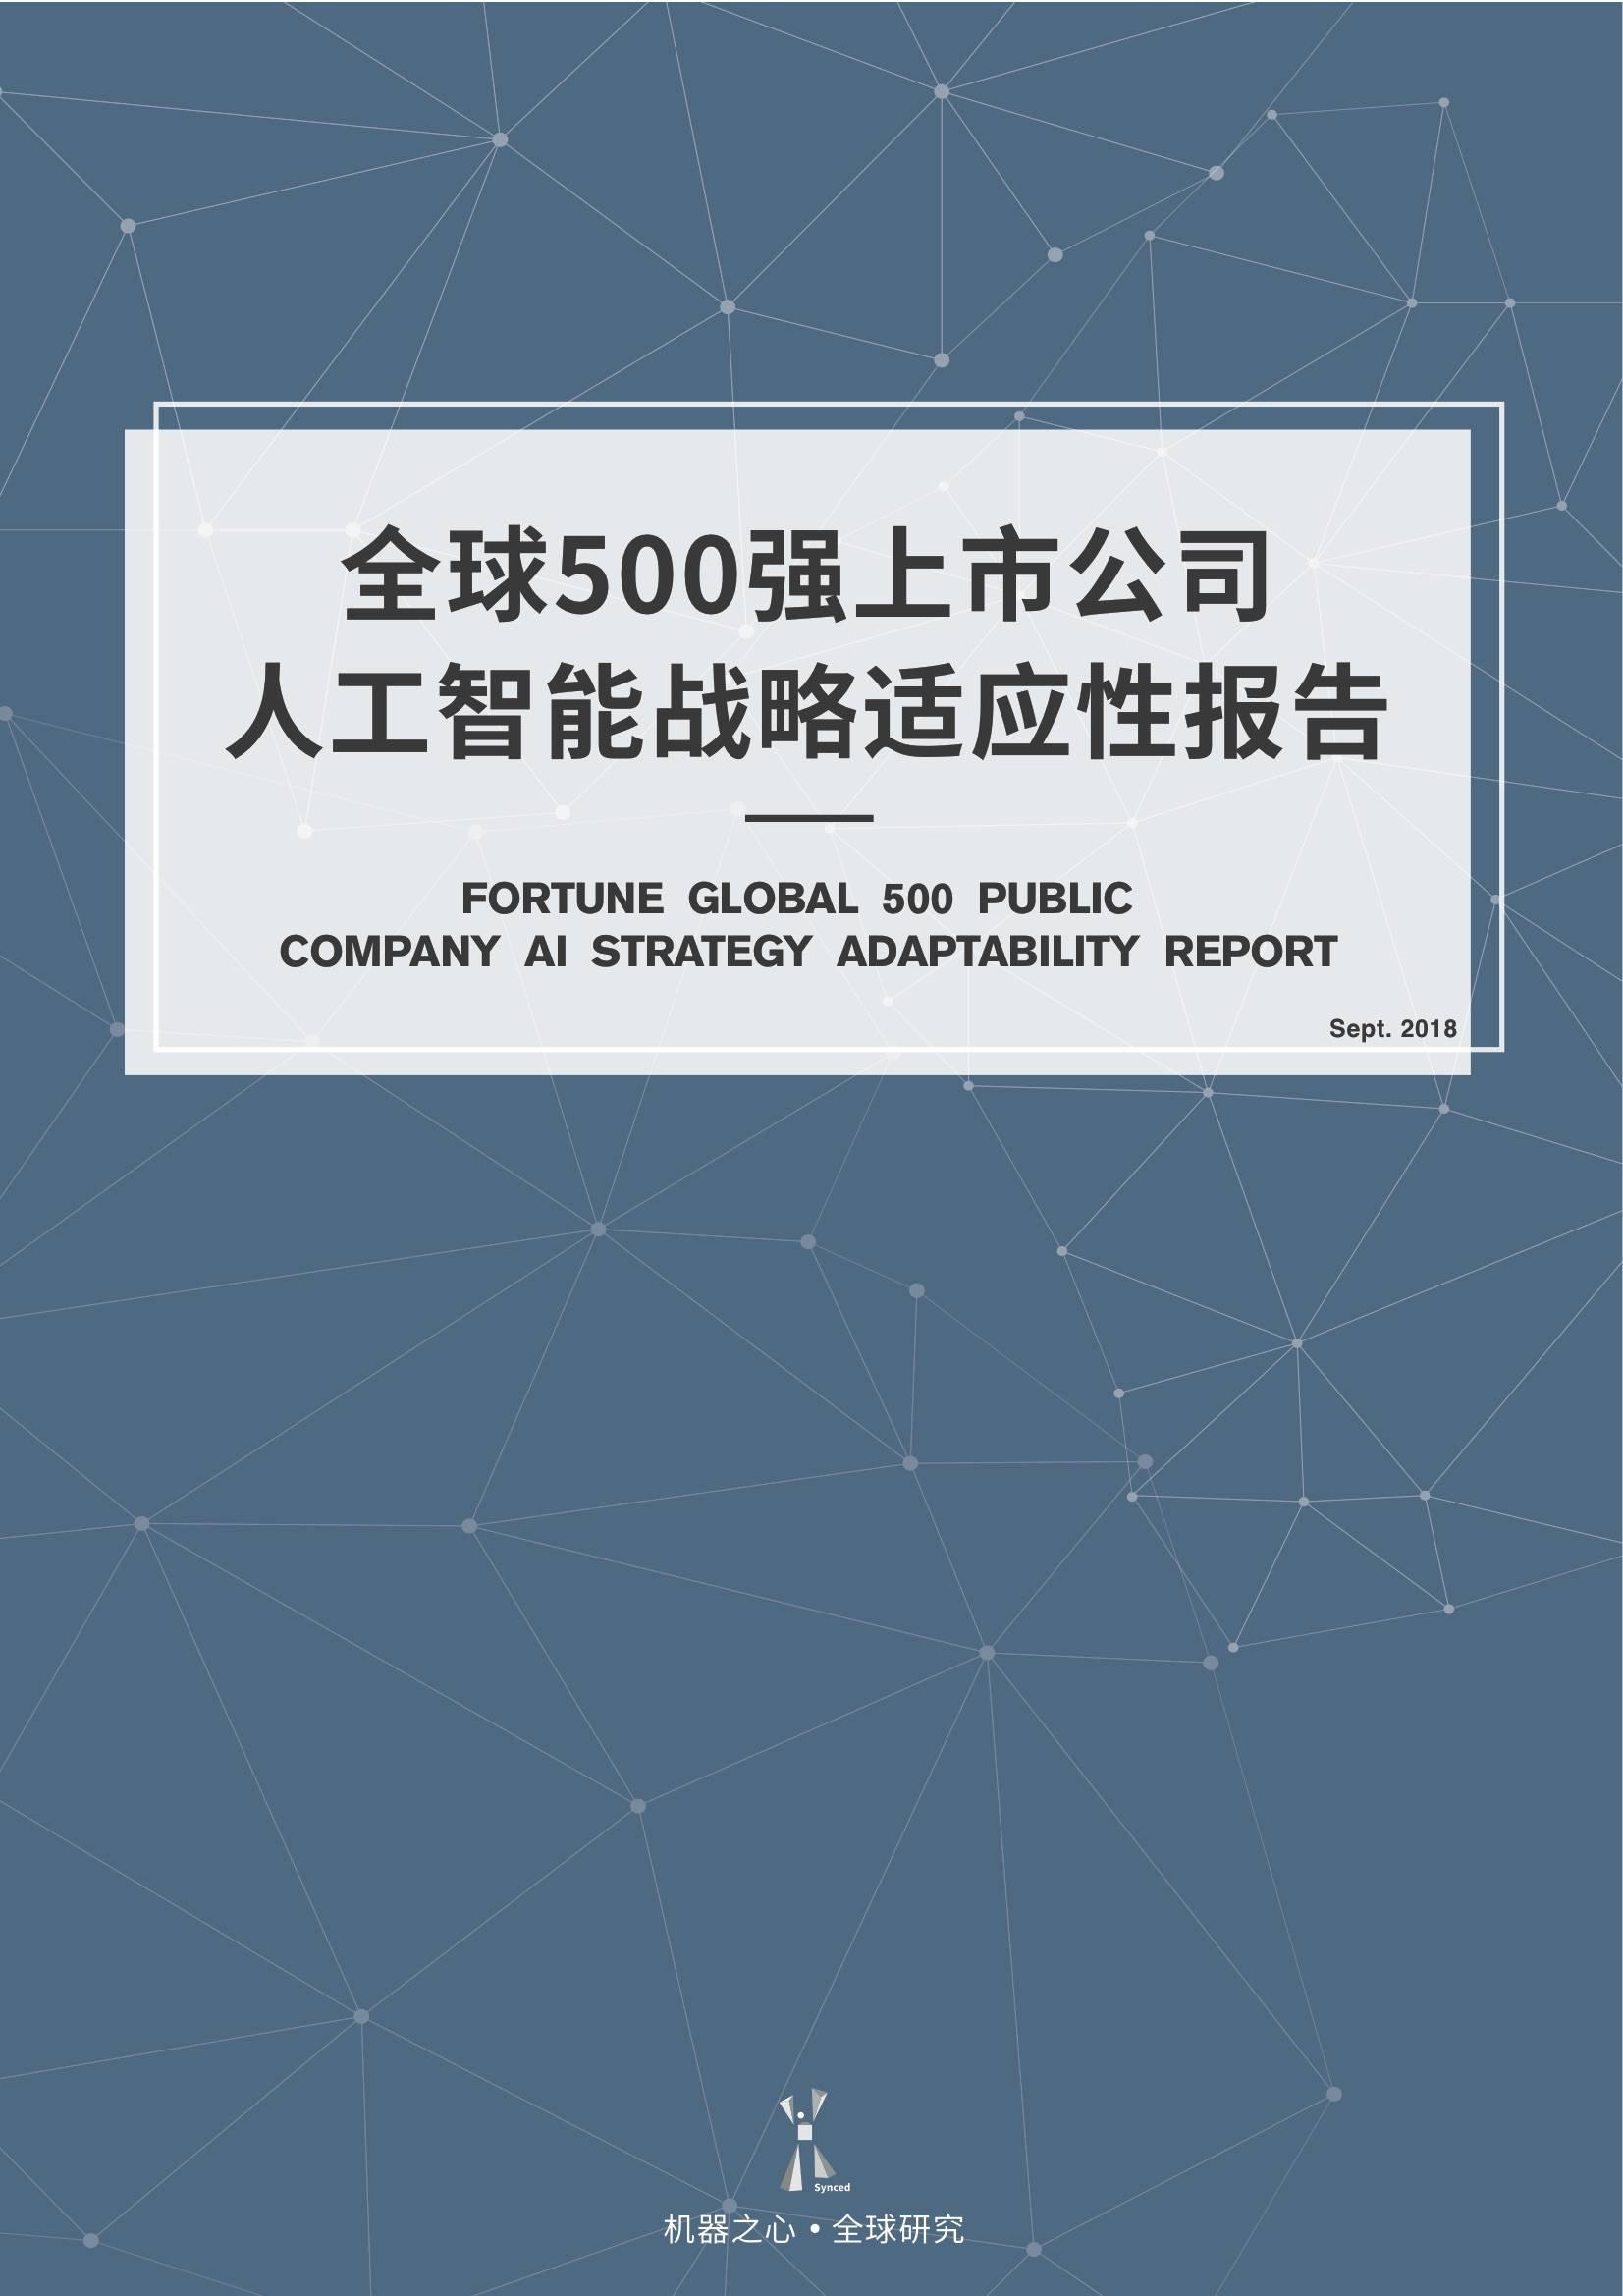 举世500强上市公司人工智能计谋顺应性报告